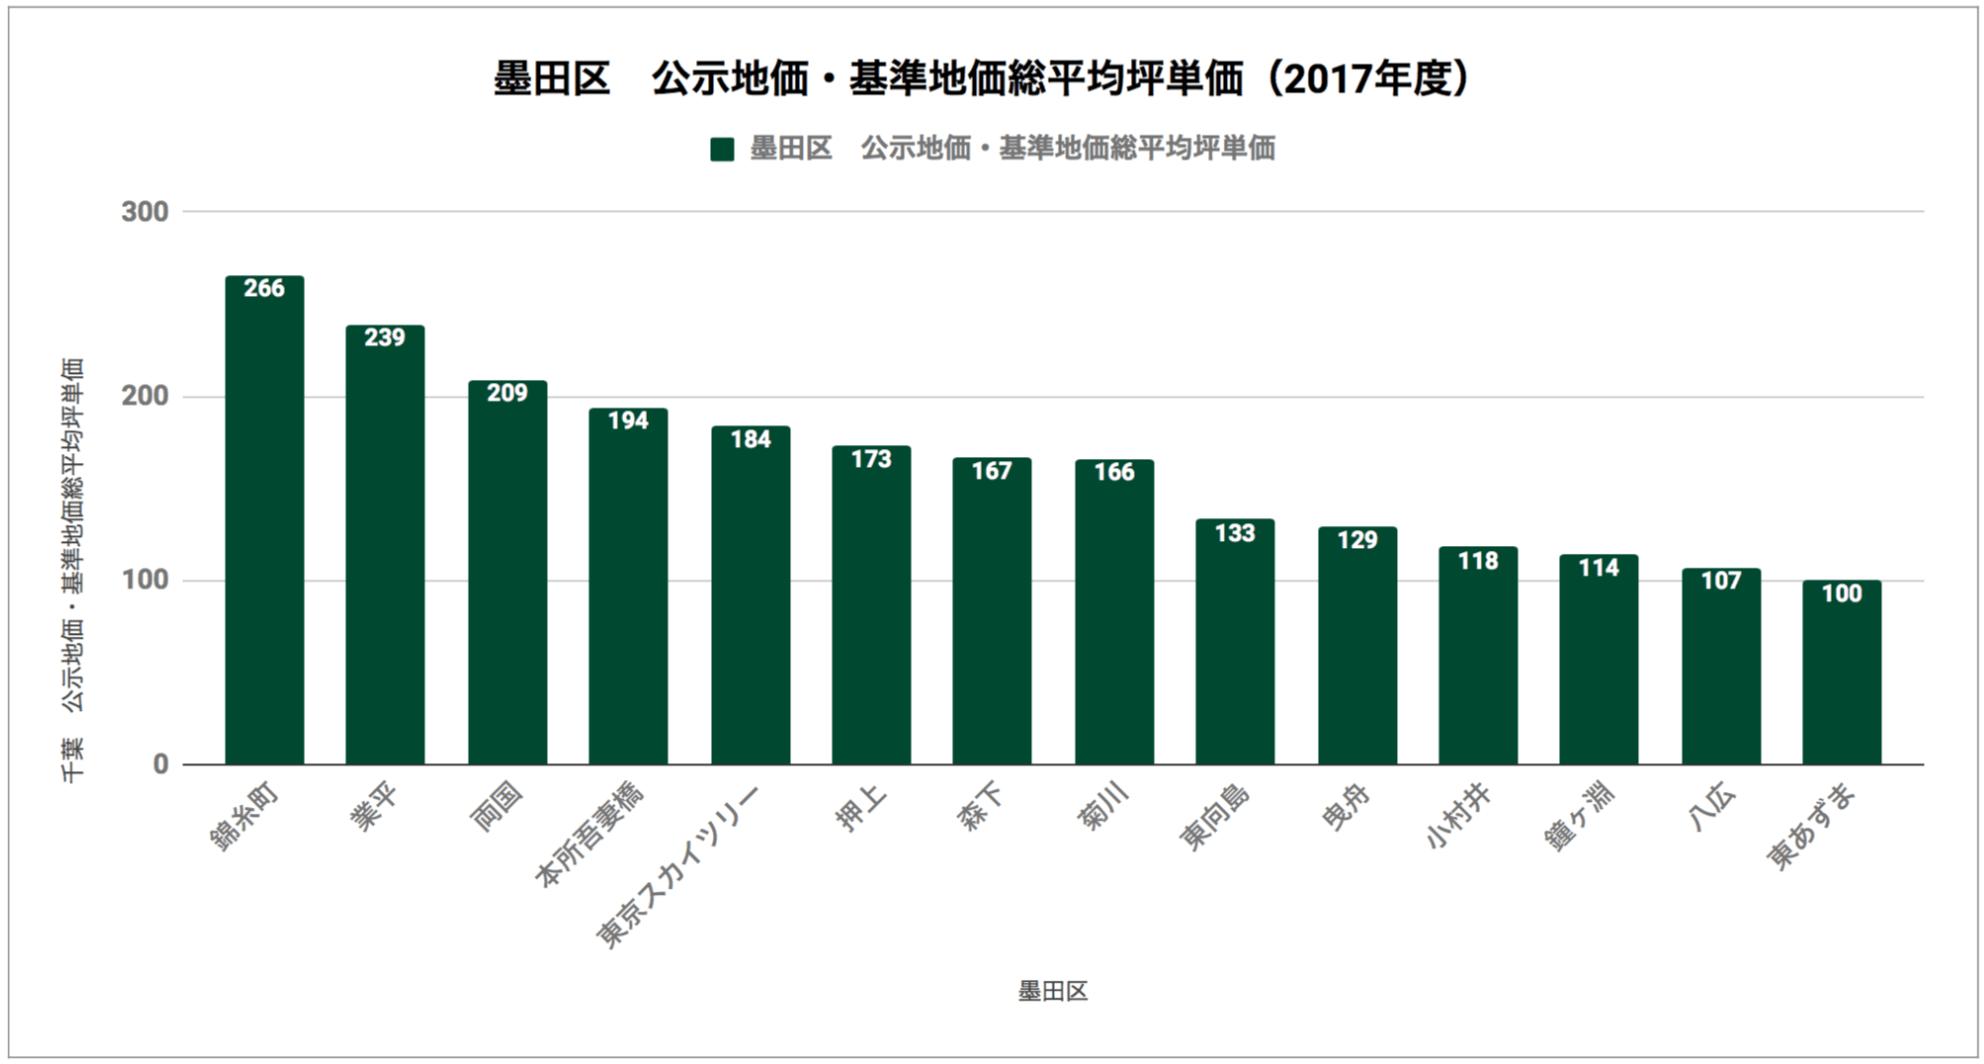 墨田区「公示地価・基準地価総平均坪単価(2017年度)」